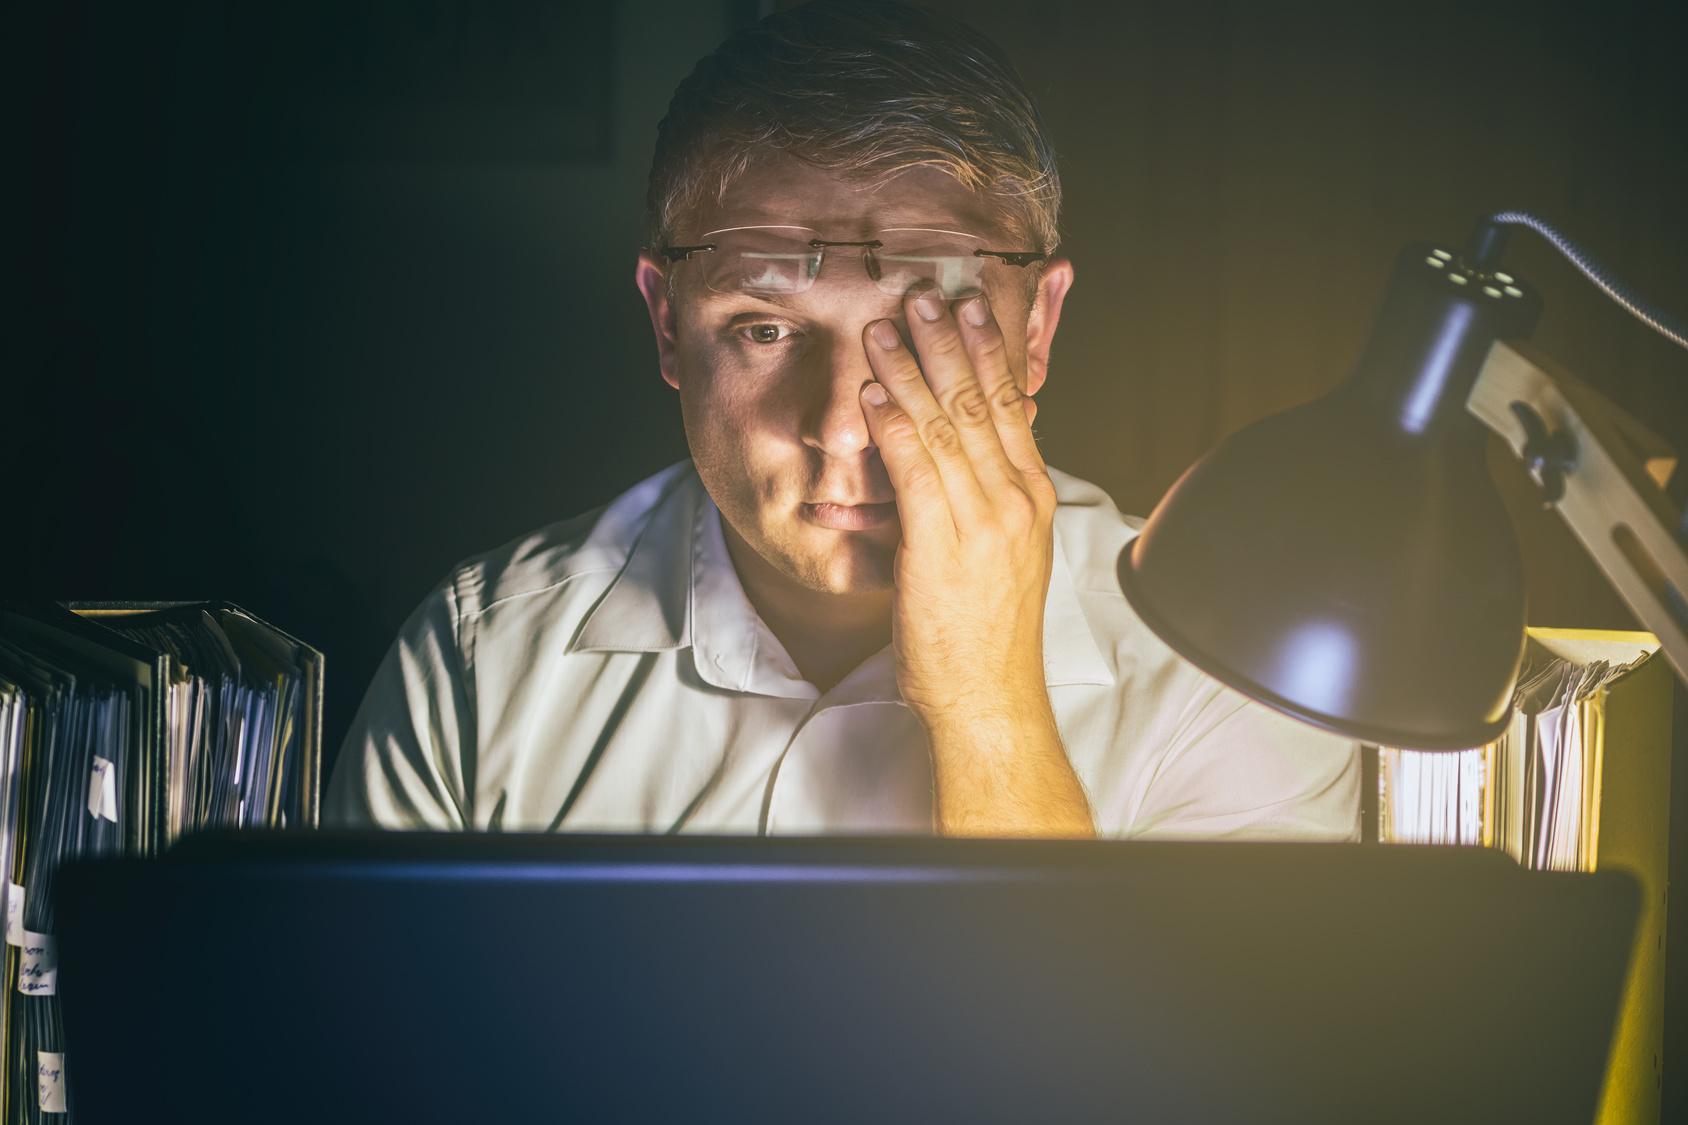 Überstundenregelungen für Personal: 5 Facts, die Sie wissen müssen